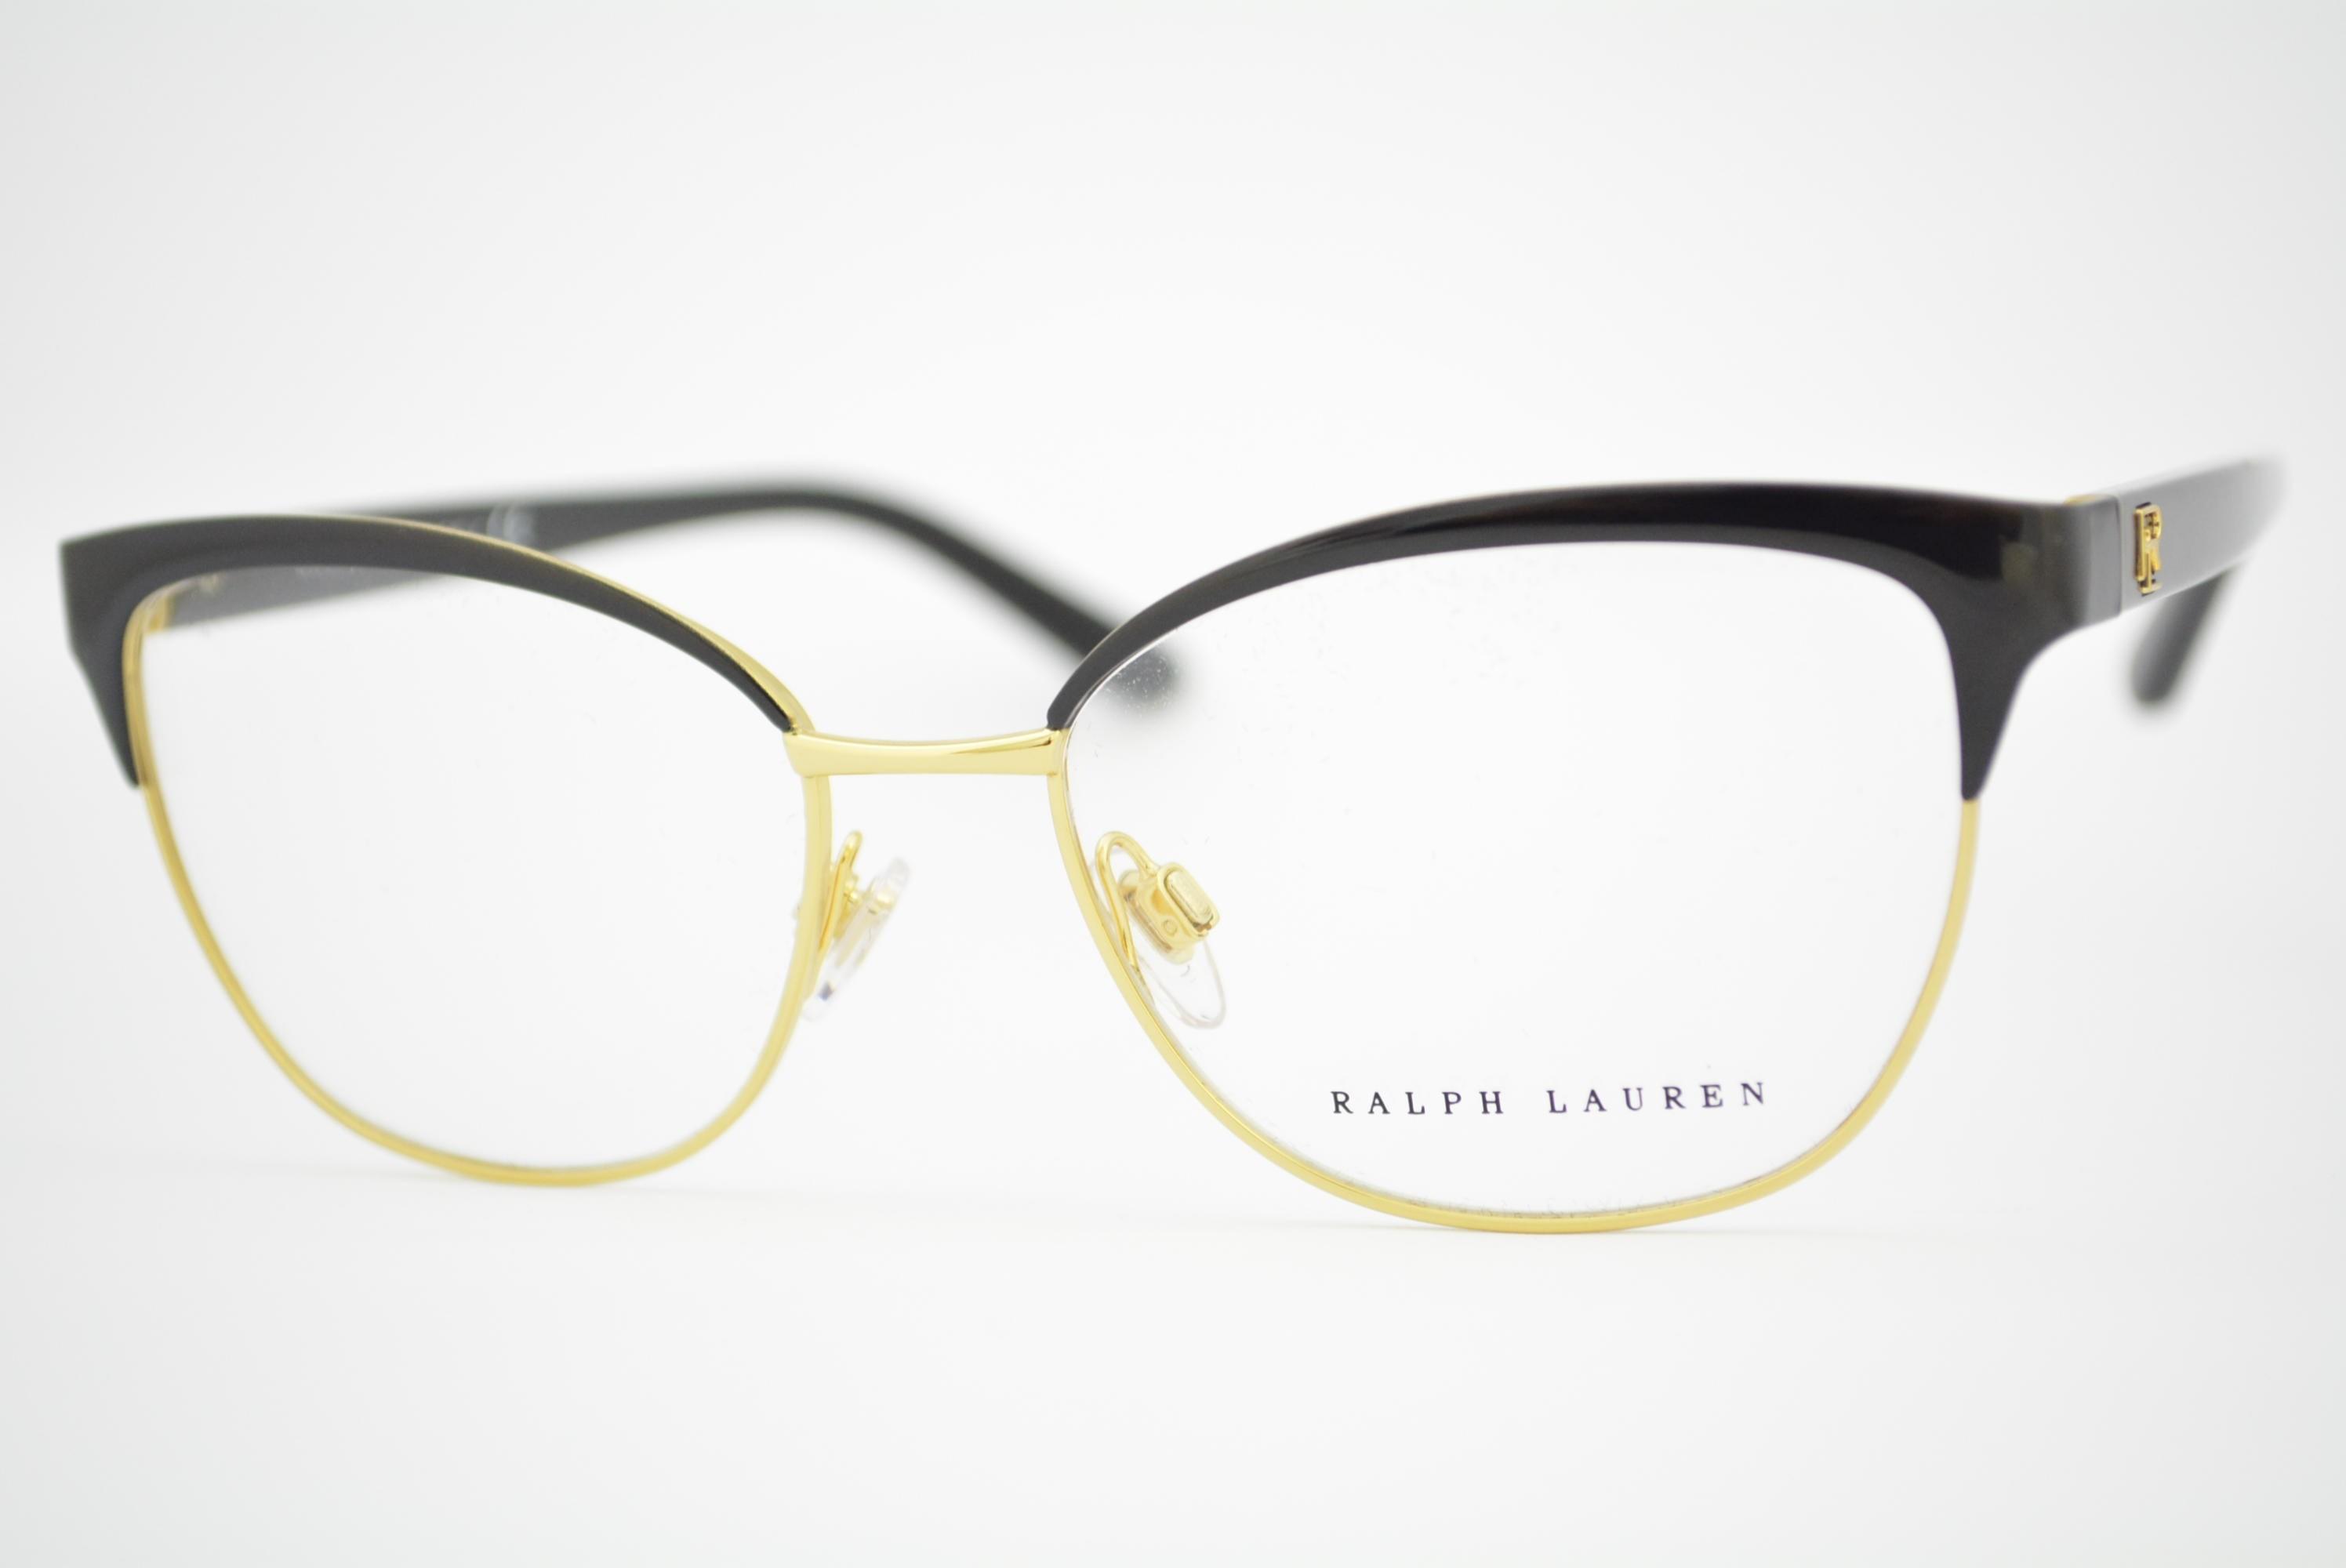 armação de óculos Ralph Lauren mod RL5099 9003 Ótica Cardoso cbf2446699